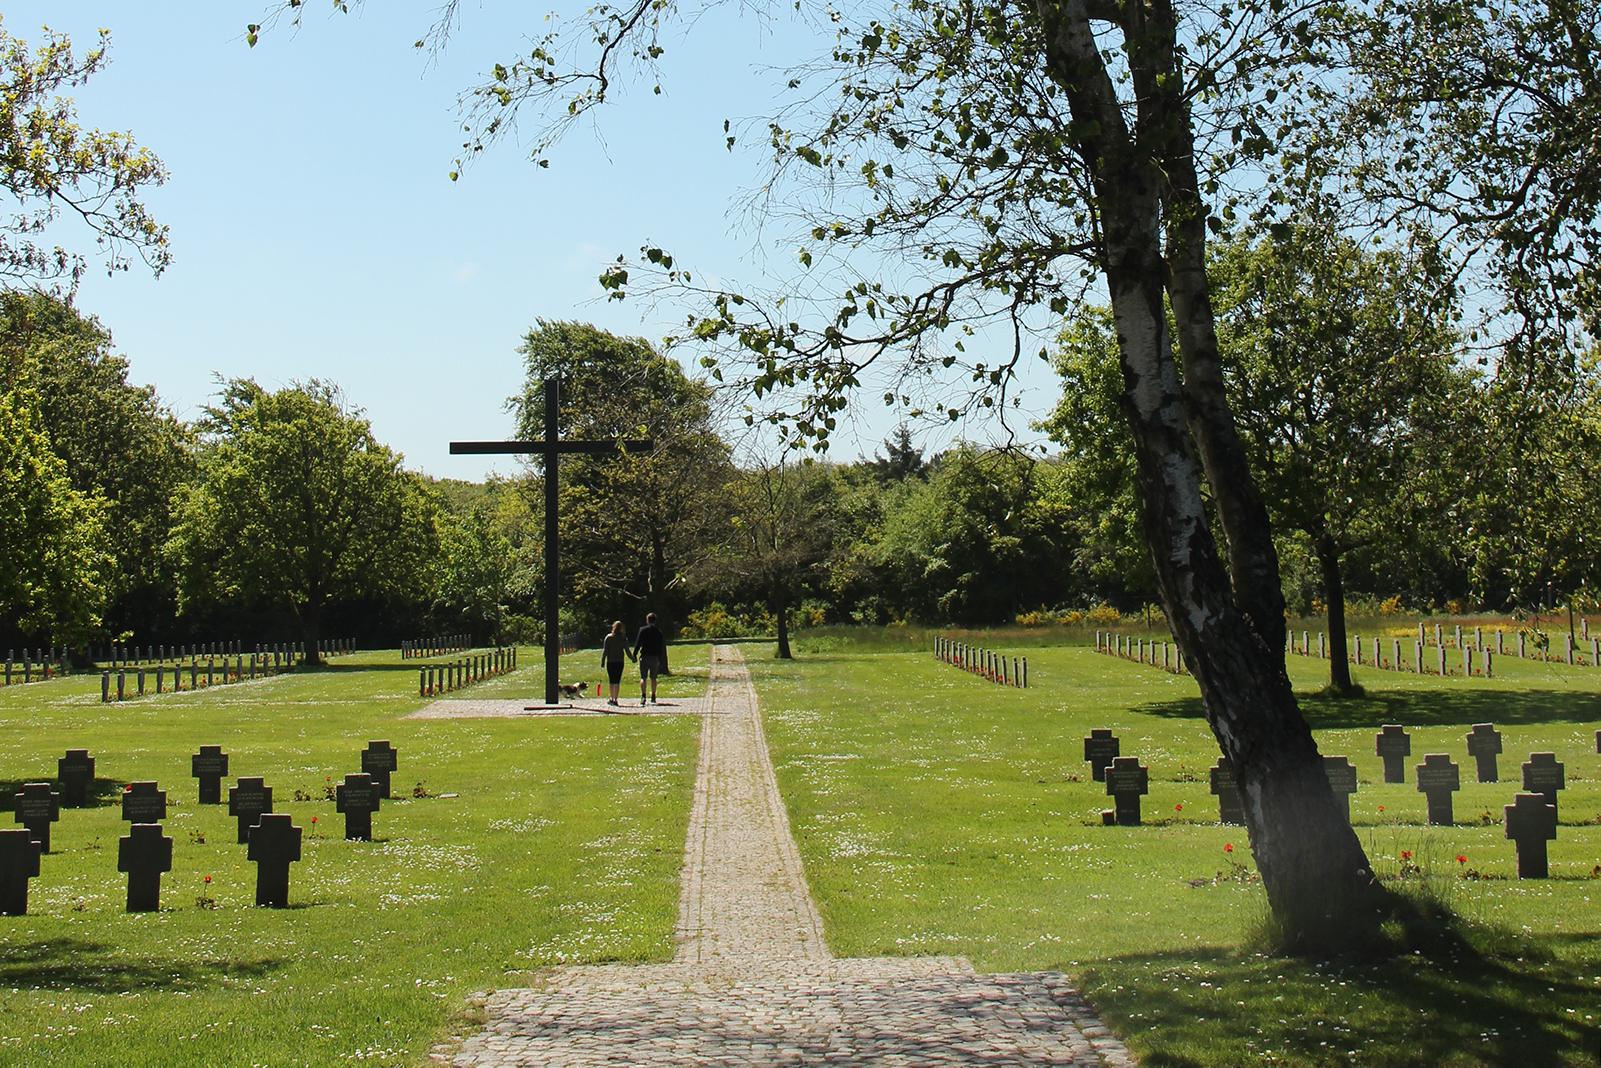 Fovrfeldt Gravlund monument